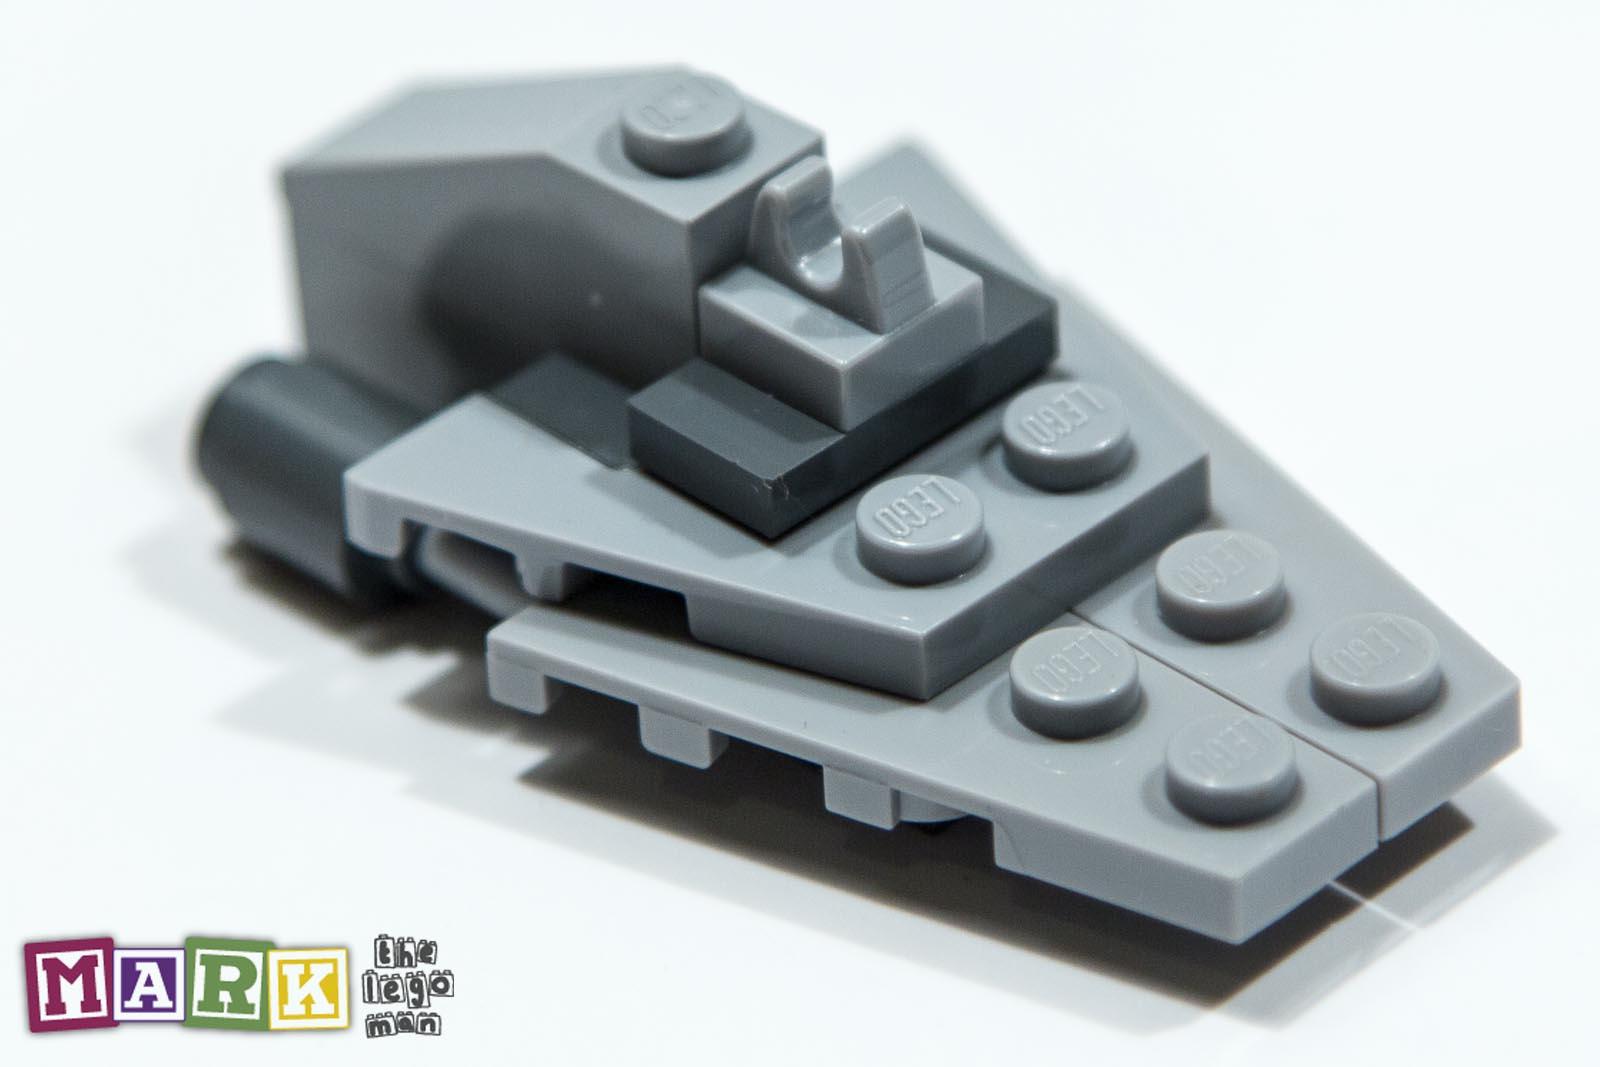 Lego Micro Ships